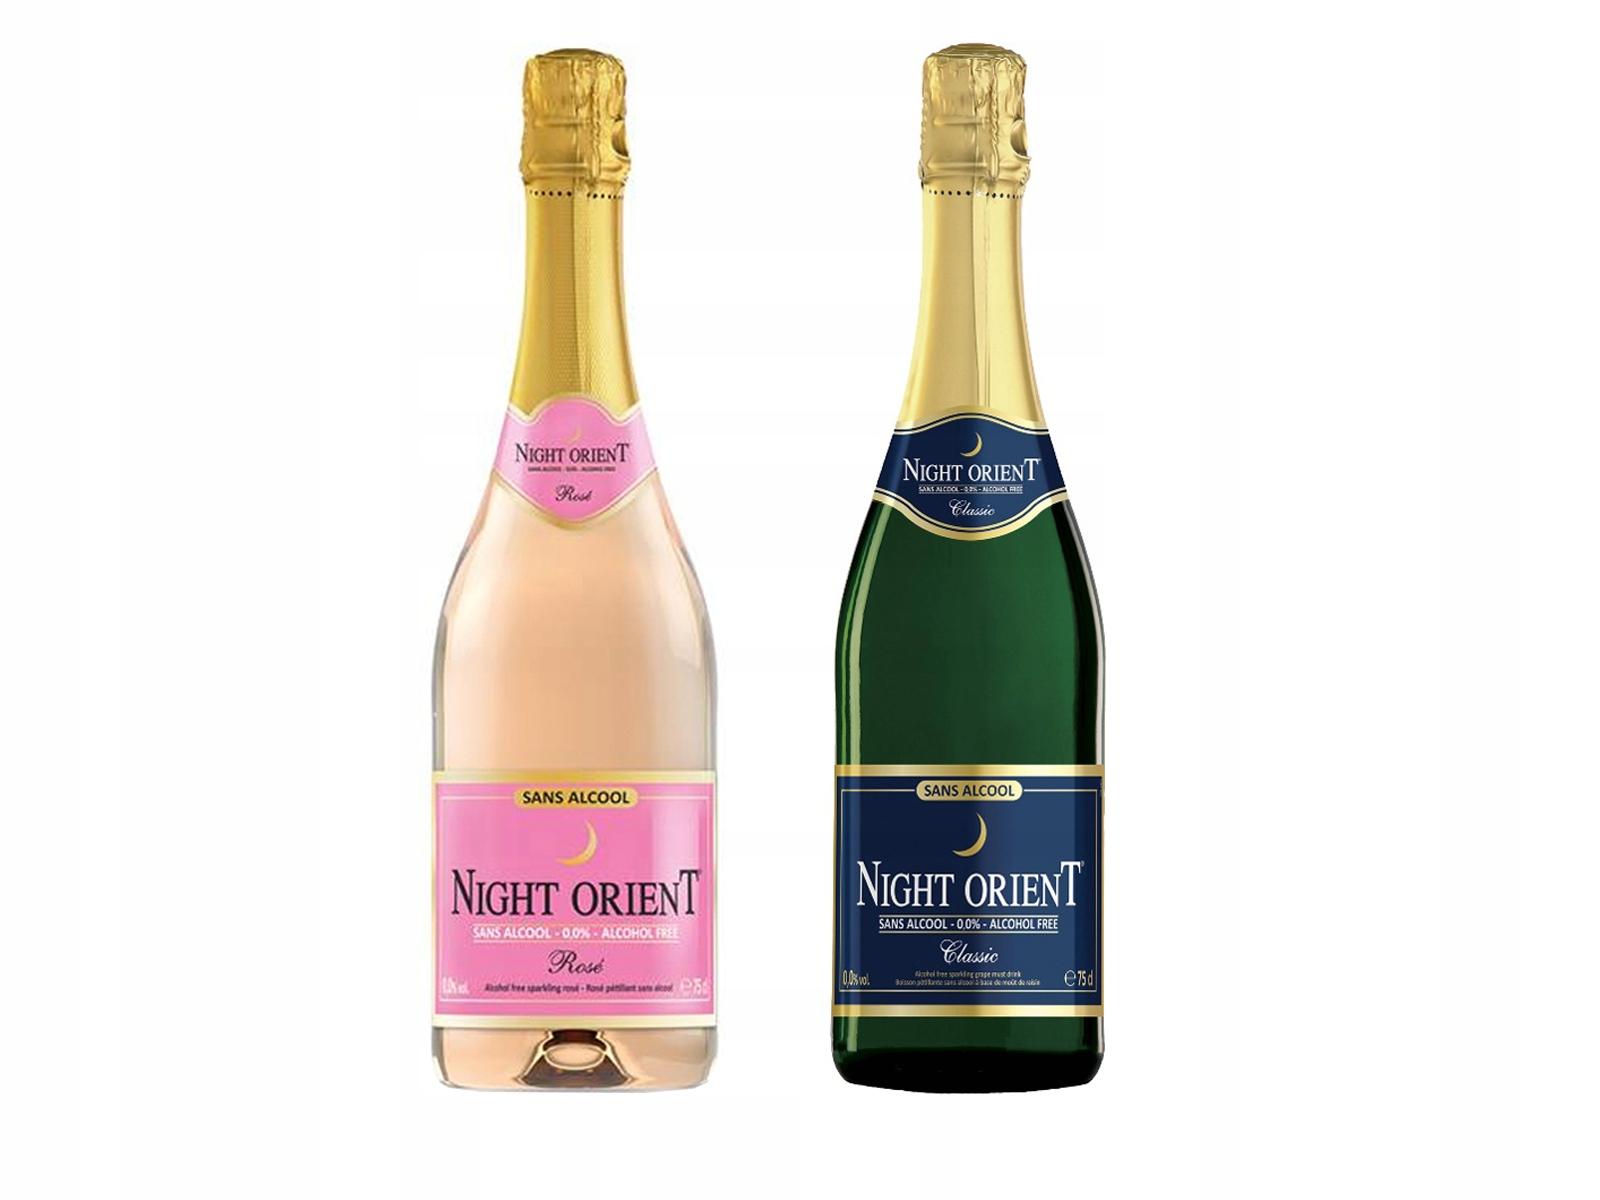 Безалкогольное вино 2x Night Orient 0,0% ИГРИСТОЕ